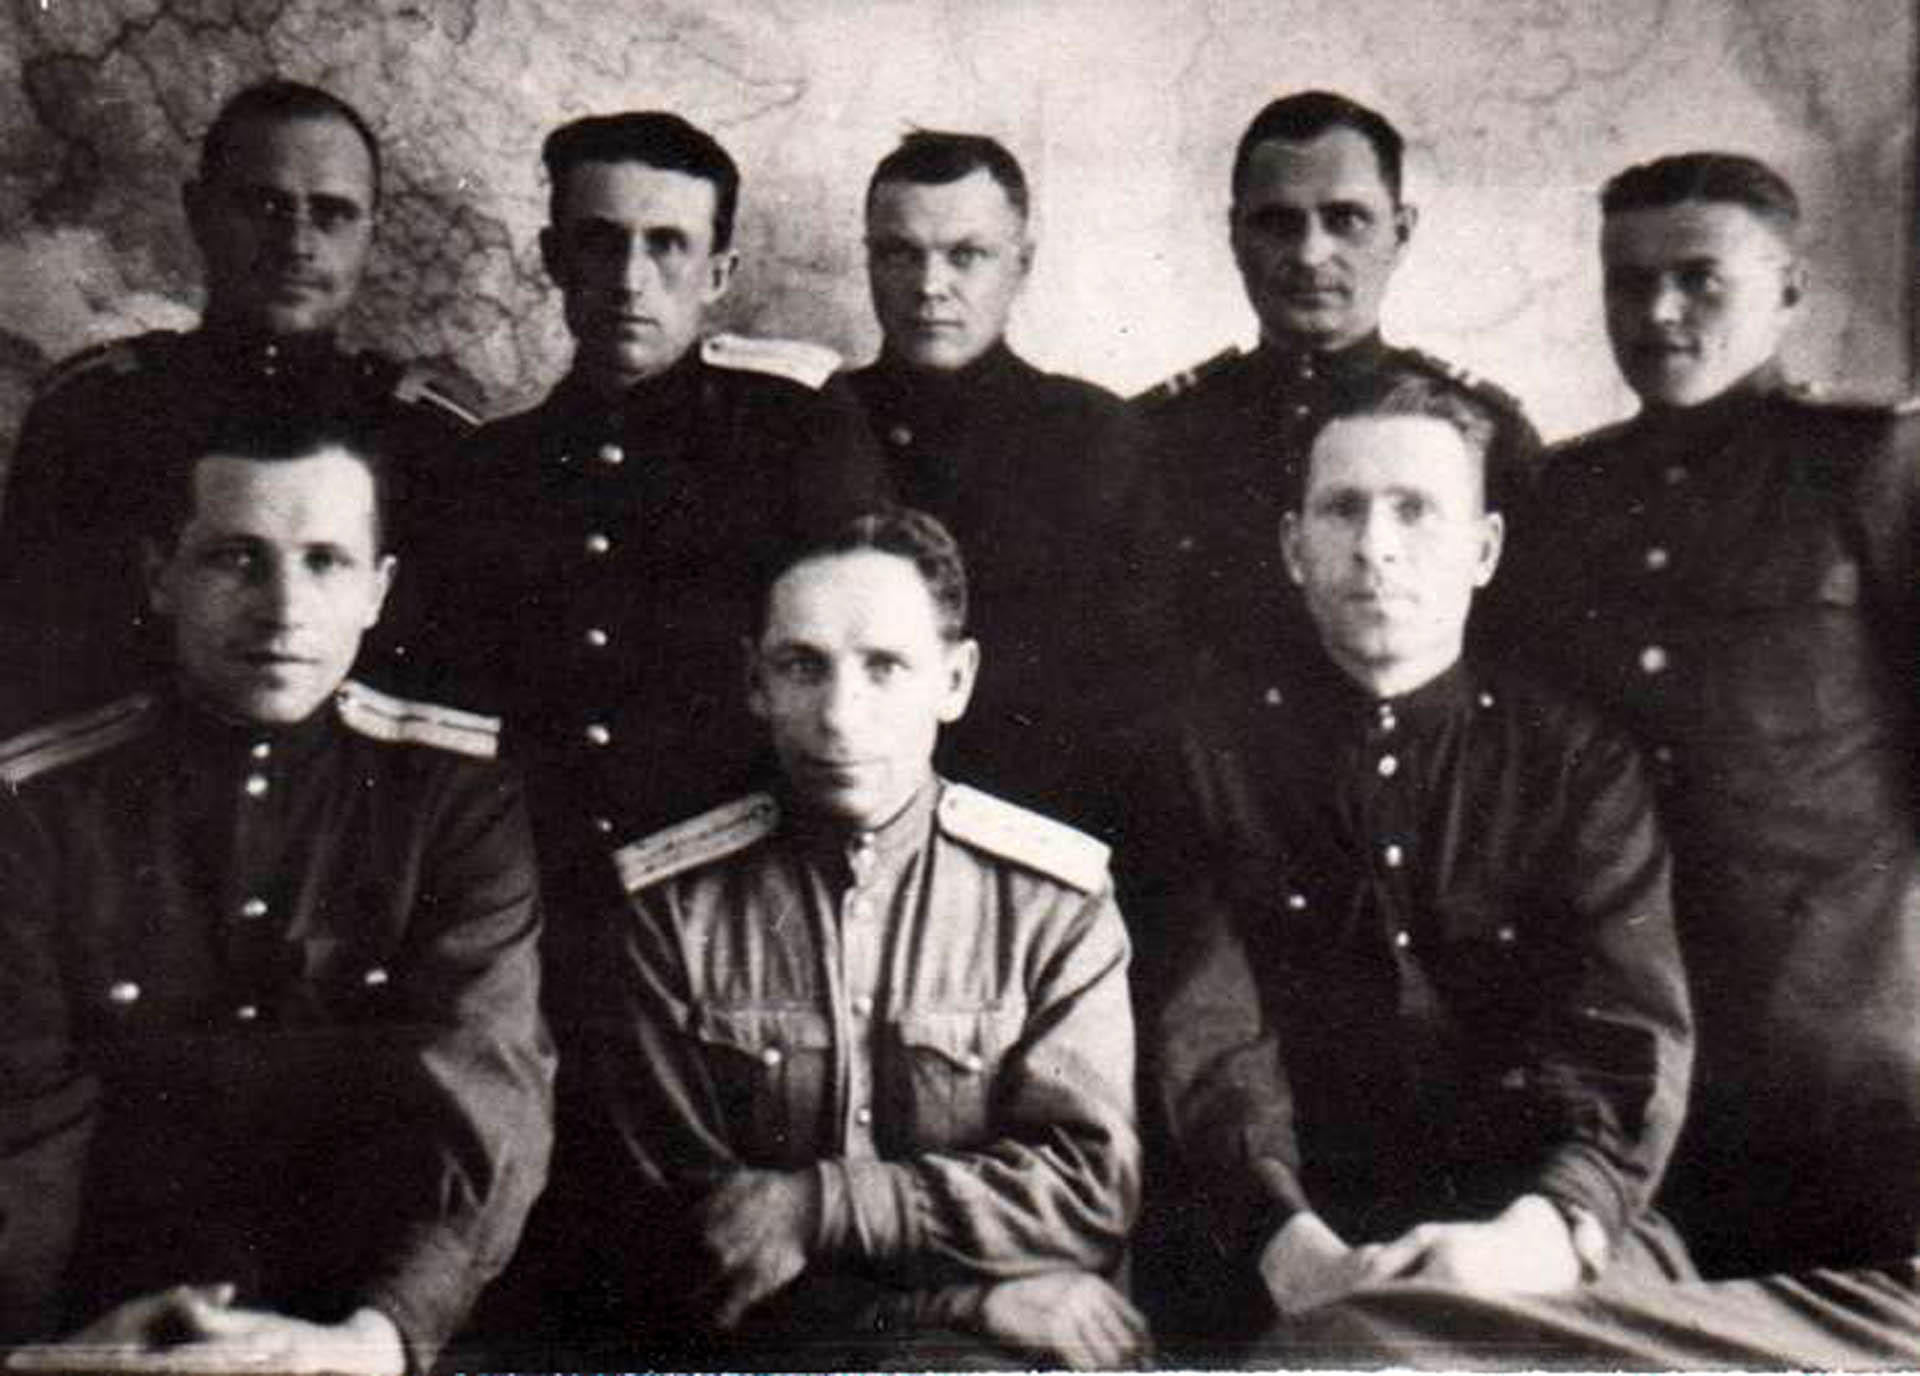 Сотрудники милиции в Нязепетровске, фото 1949 года.